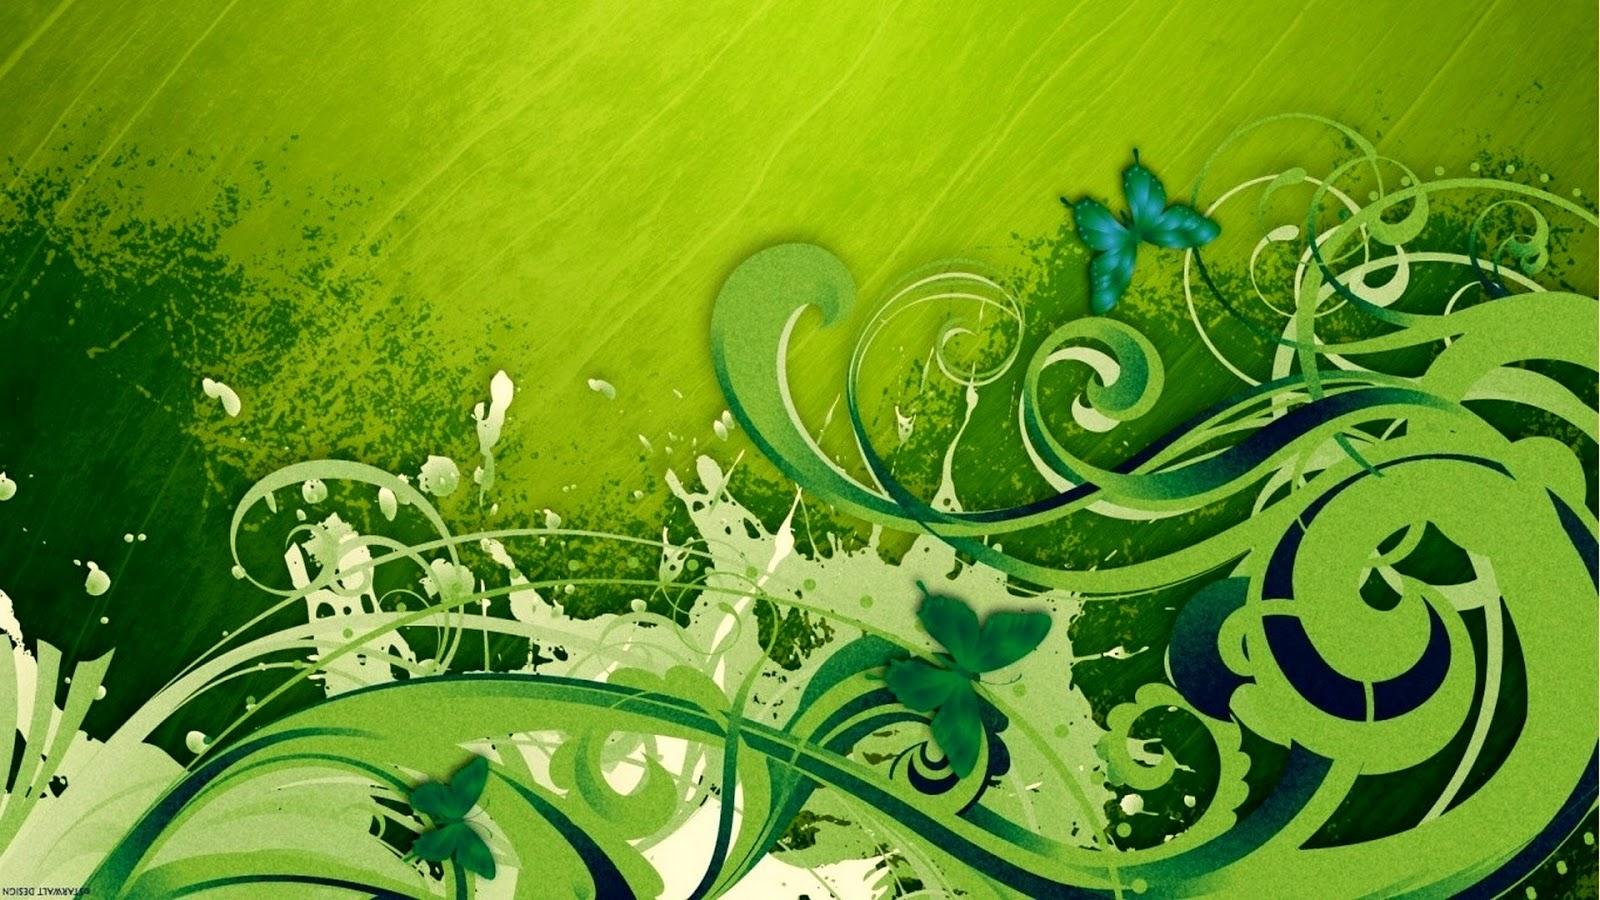 cool 1080p wallpaper - wallpapersafari